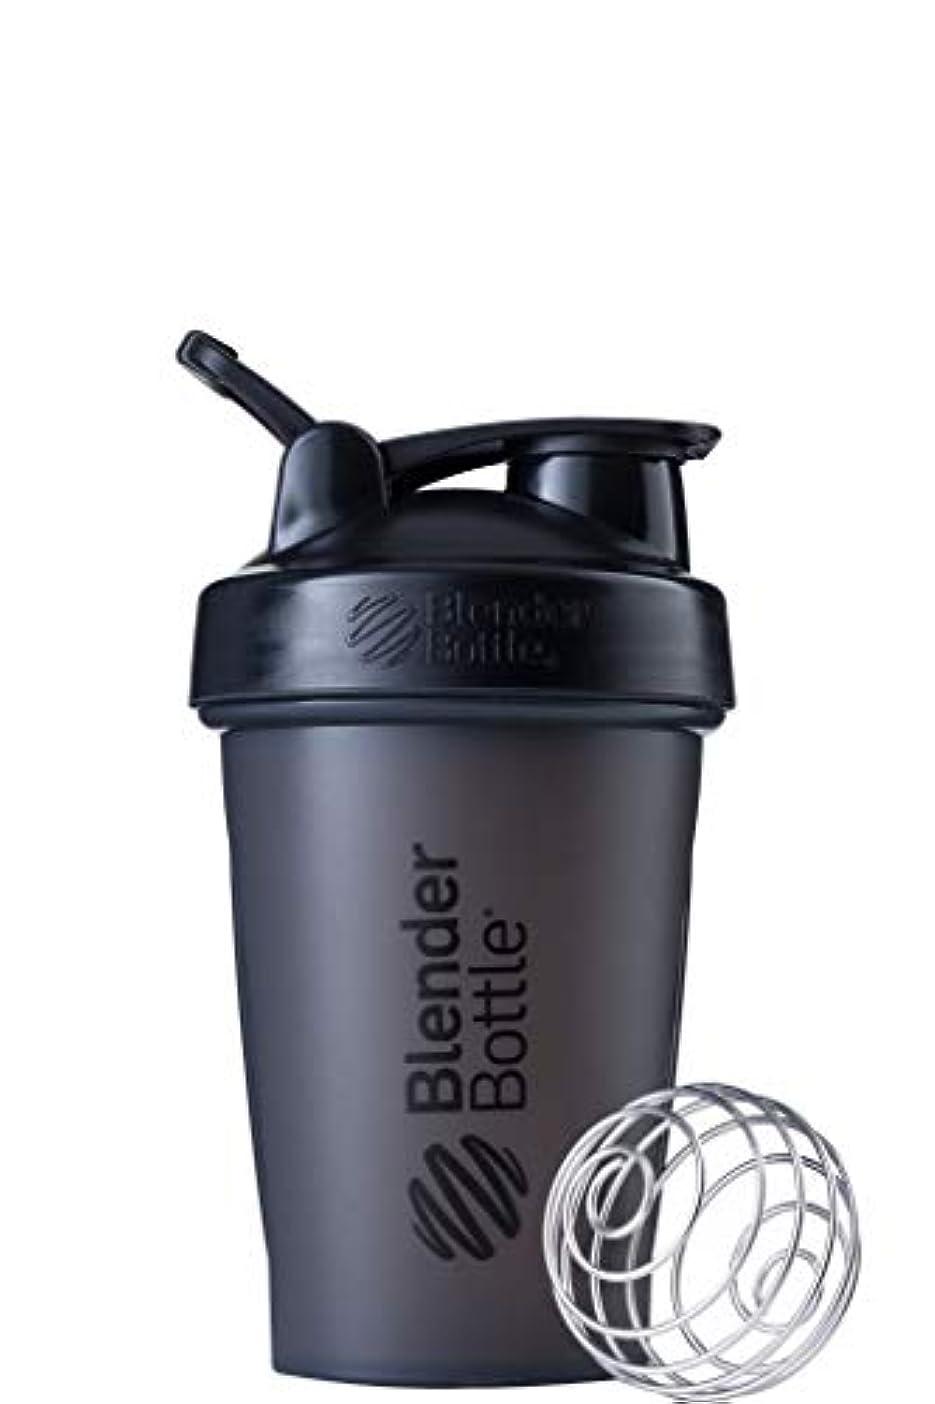 火薬平らなメッセージブレンダーボトル 【日本正規品】 ミキサー シェーカー ボトル Classic 20オンス (600ml) ブラック BBCLE20 FCBK